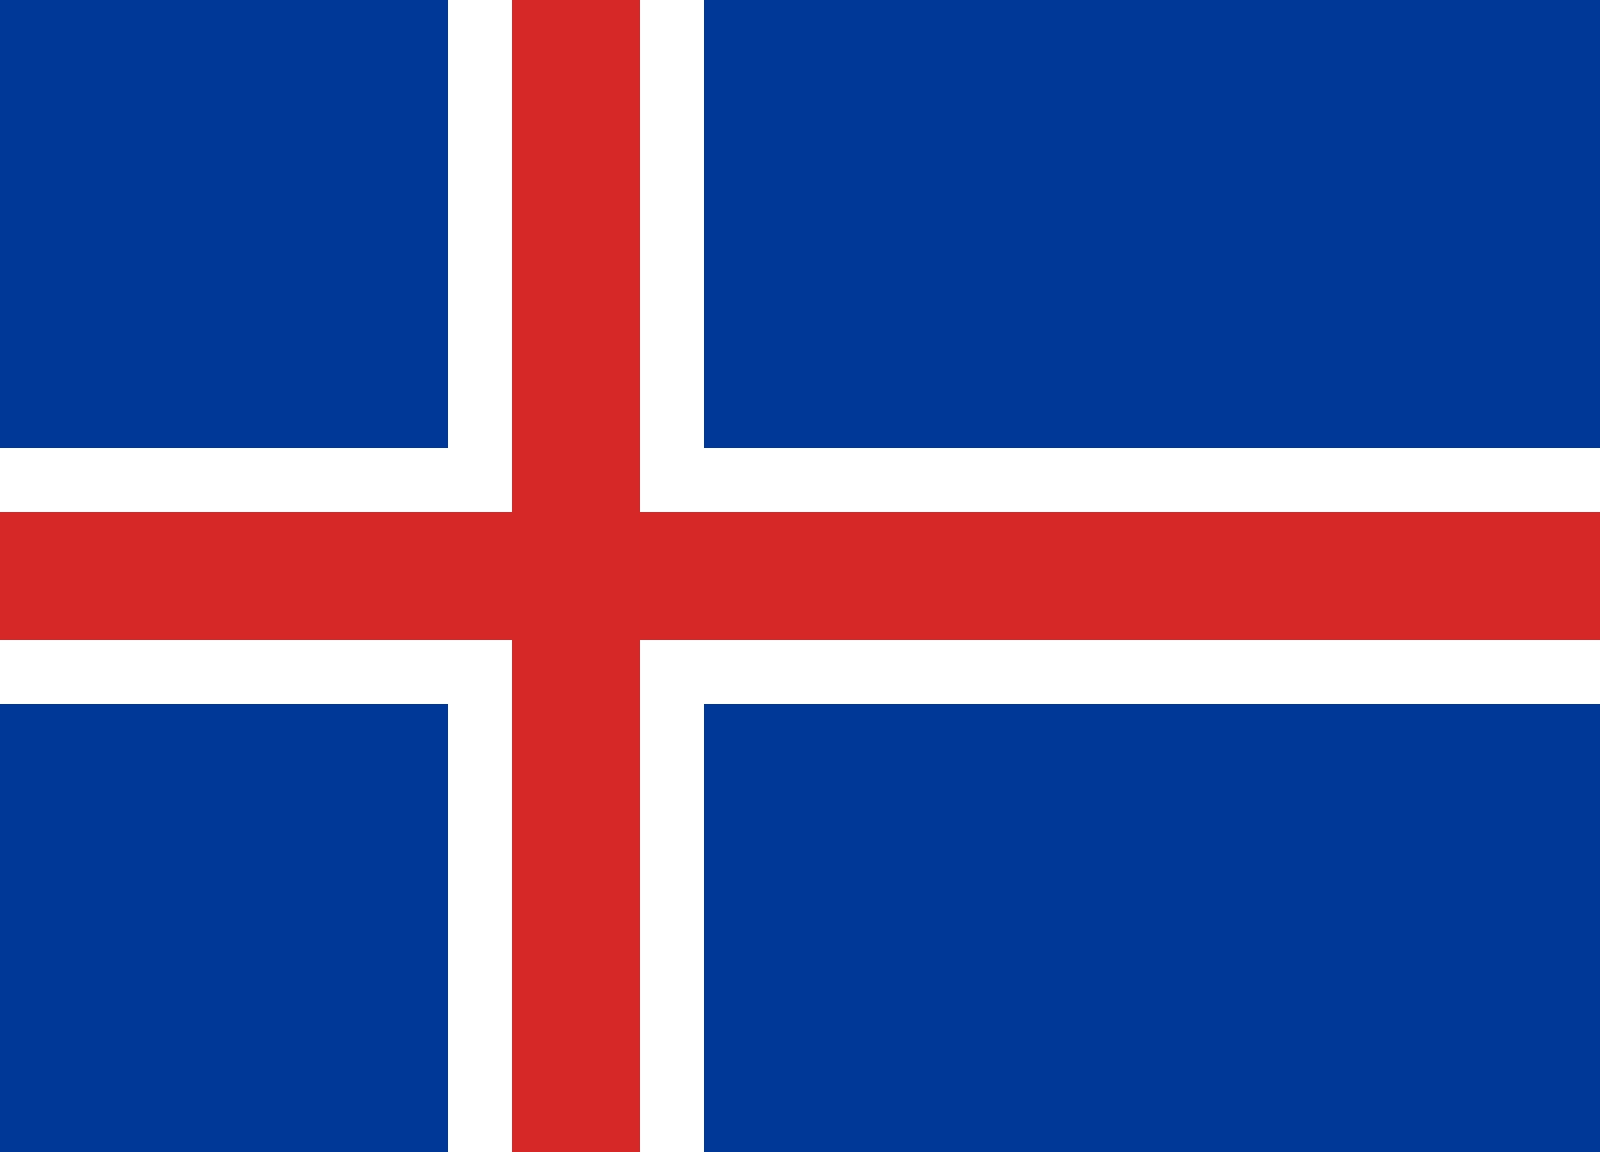 imagenes de banderas hd126 200 Imágenes de Banderas en HD (Wallpapers)